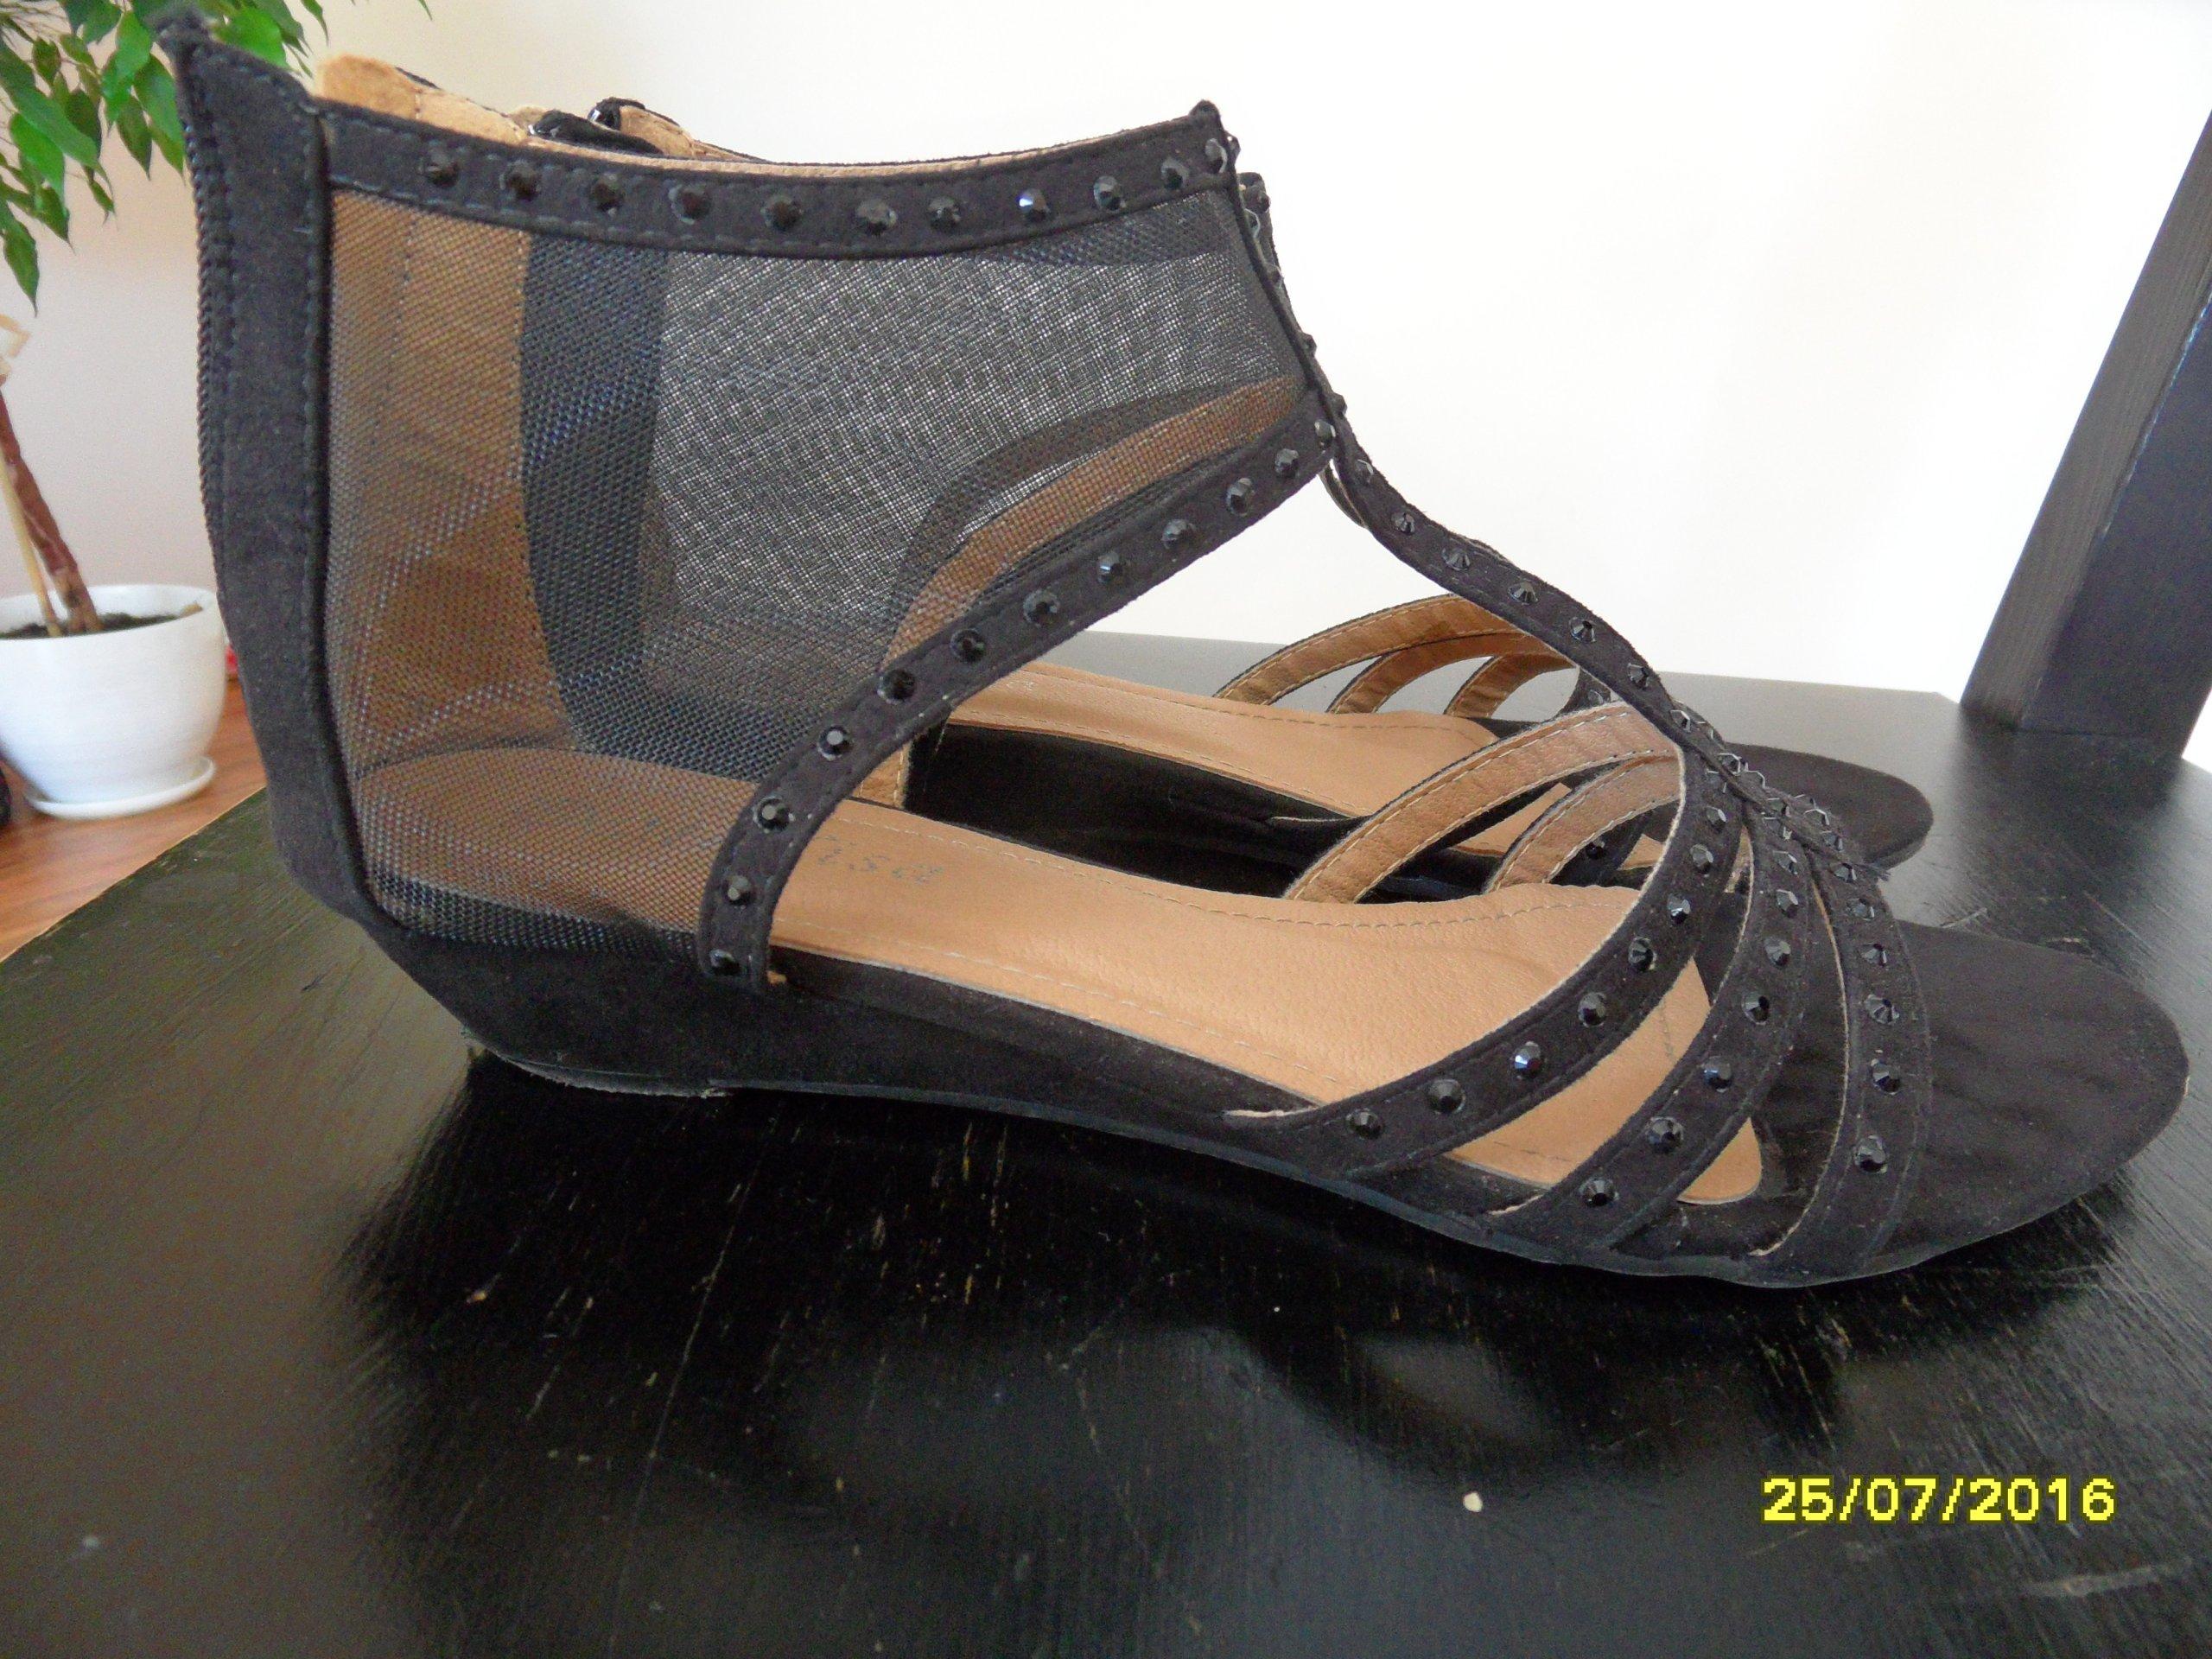 c34e69bf19823 buty damskie rozmiar 38 stan bardzo dobry - 7033530660 - oficjalne ...